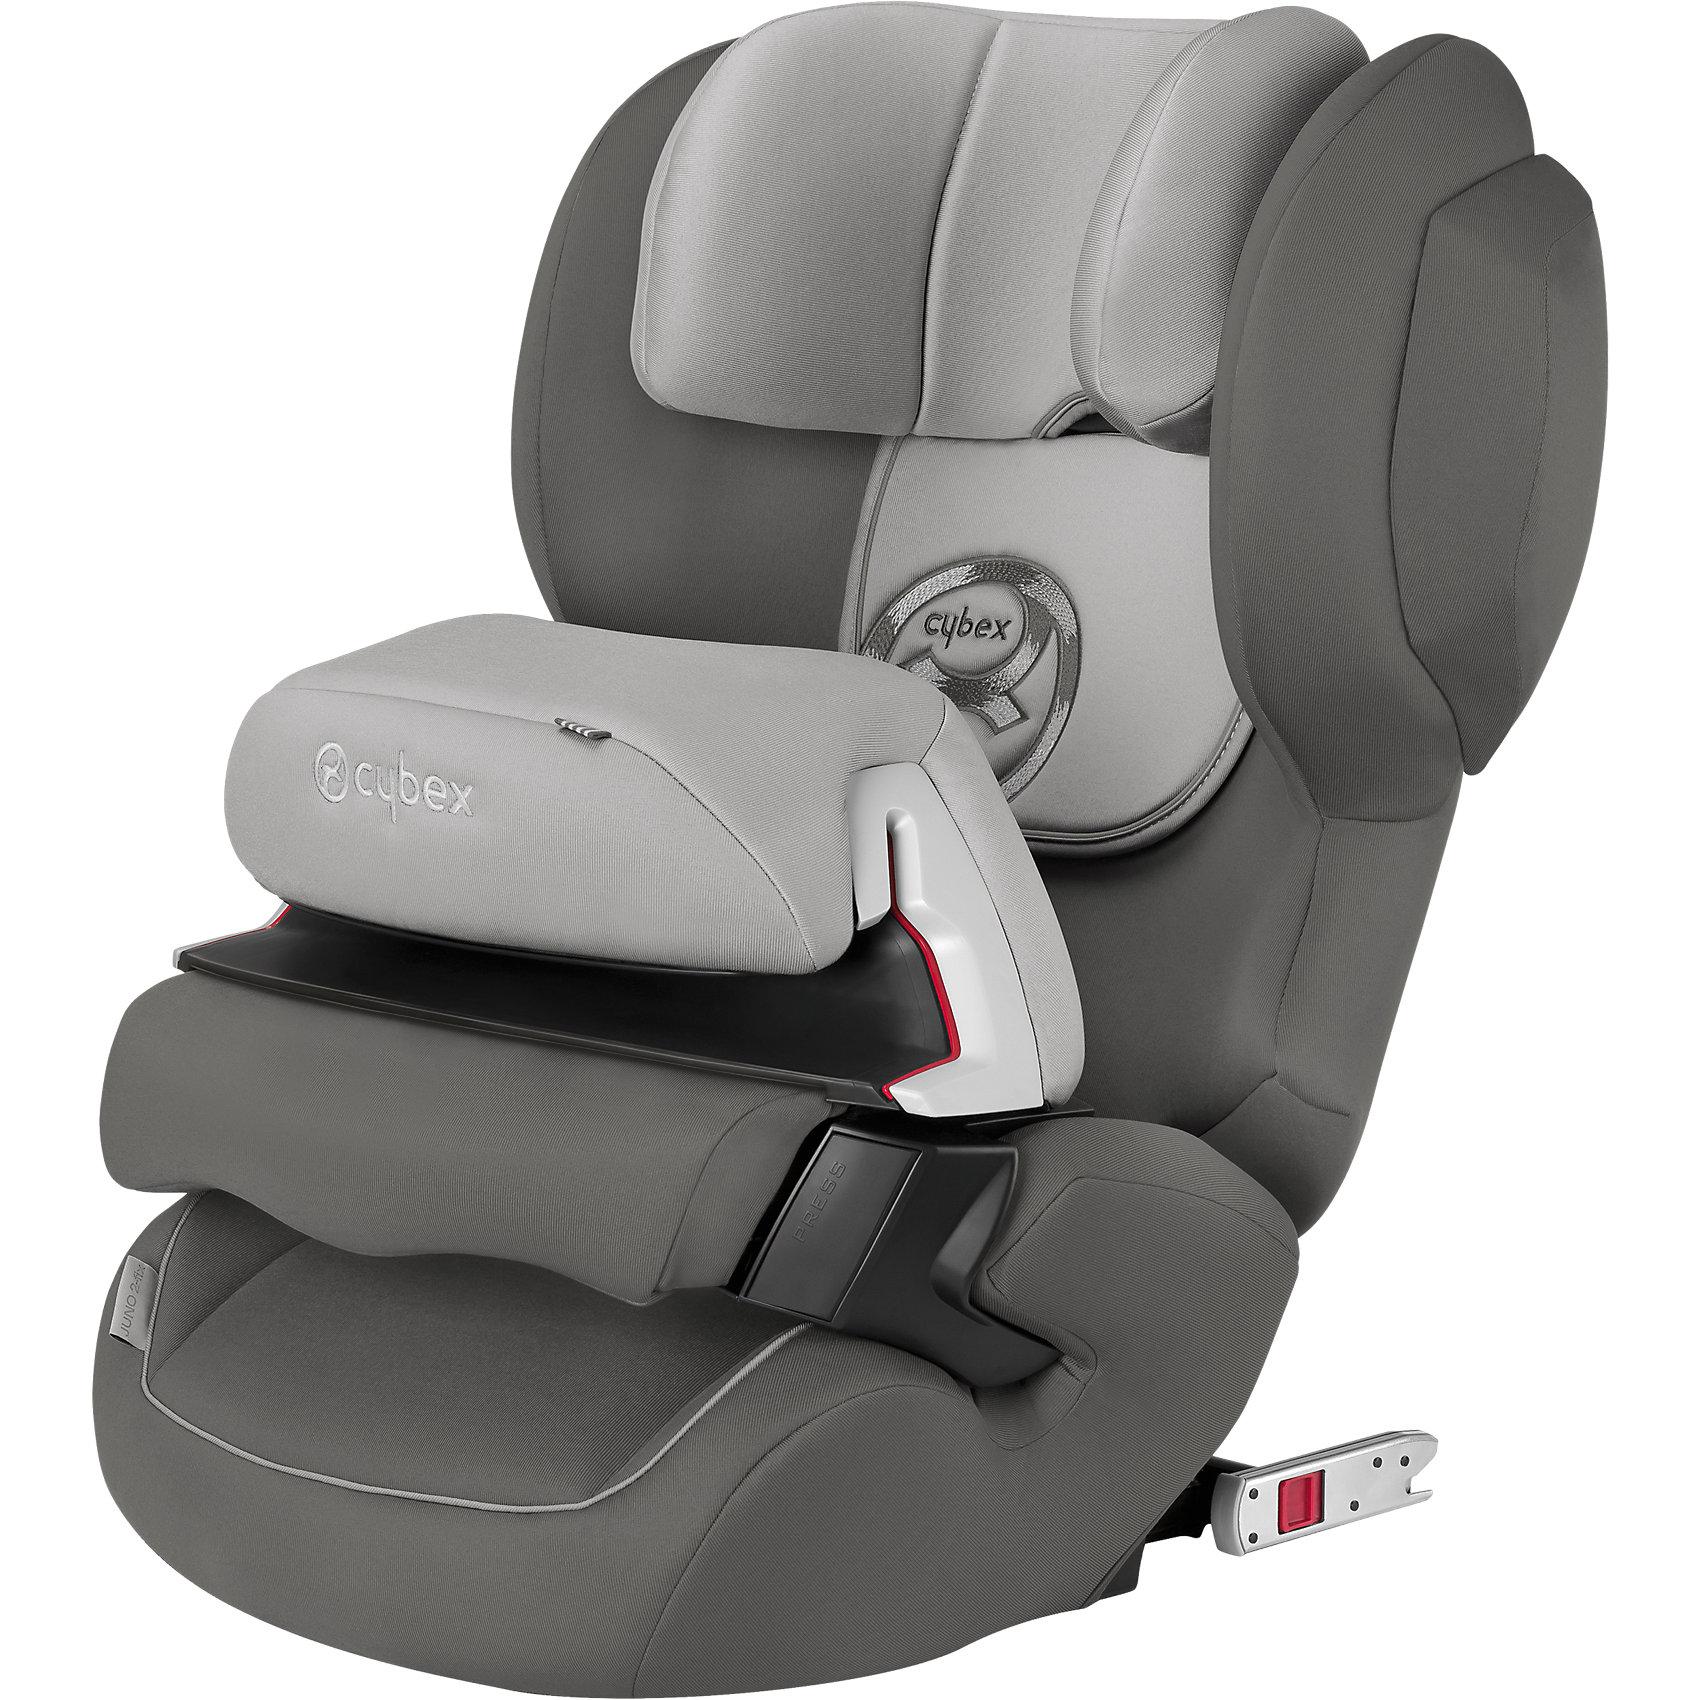 Автокресло Juno 2-Fix , 9-18 кг., Cybex, Manhattan Grey 2016Высокотехнологичное надежное автокресло позволит перевозить ребенка, не беспокоясь при этом о его безопасности. Оно предназначено для предназначено для детей весом от 9 до 18 килограмм. Такое кресло обеспечит малышу не только безопасность, но и комфорт (регулируемый угол наклона и высота подголовника). Вместо пятиточечных ремней ребенок фиксируется при помощи защитного столика, не ограничивая ему свободы движений<br>Автокресло устанавливают по ходу движения. Такое кресло дает возможность свободно путешествовать, ездить в гости и при этом  быть рядом с малышом. Конструкция - очень удобная и прочная. Изделие произведено из качественных и безопасных для малышей материалов, оно соответствуют всем современным требованиям безопасности. Оно отлично показало себя на краш-тестах.<br> <br>Дополнительная информация:<br><br>цвет: серый;<br>материал: текстиль, пластик;<br>вес ребенка:  9 до 18 кг;<br>регулируемая подушка безопасности;<br>регулируемый по высоте подголовник;<br>усовершенствованная система циркуляции воздуха;<br>встроенный ящик для мелочей:<br>съемный чехол;<br>по мере взросления ребенка трансформируется в бустер; <br>регулировка положения автокресла одной рукой;<br>регулируемый угол наклона;<br>можно использовать со штатными ремнями или с дополнительной базой;<br>7-позиционный регулируемый по высоте подголовник;<br>крепление по ходу движения;<br>система защиты от боковых ударов;<br>соответствие Европейскому стандарту безопасности ЕСЕ R44/04.<br><br>АвтокреслоJuno 2-Fix, 9-18 кг., Manhattan Grey 2016, от компании Cybex можно купить в нашем магазине.<br><br>Ширина мм: 635<br>Глубина мм: 460<br>Высота мм: 415<br>Вес г: 8490<br>Цвет: серый<br>Возраст от месяцев: 9<br>Возраст до месяцев: 36<br>Пол: Унисекс<br>Возраст: Детский<br>SKU: 4284841